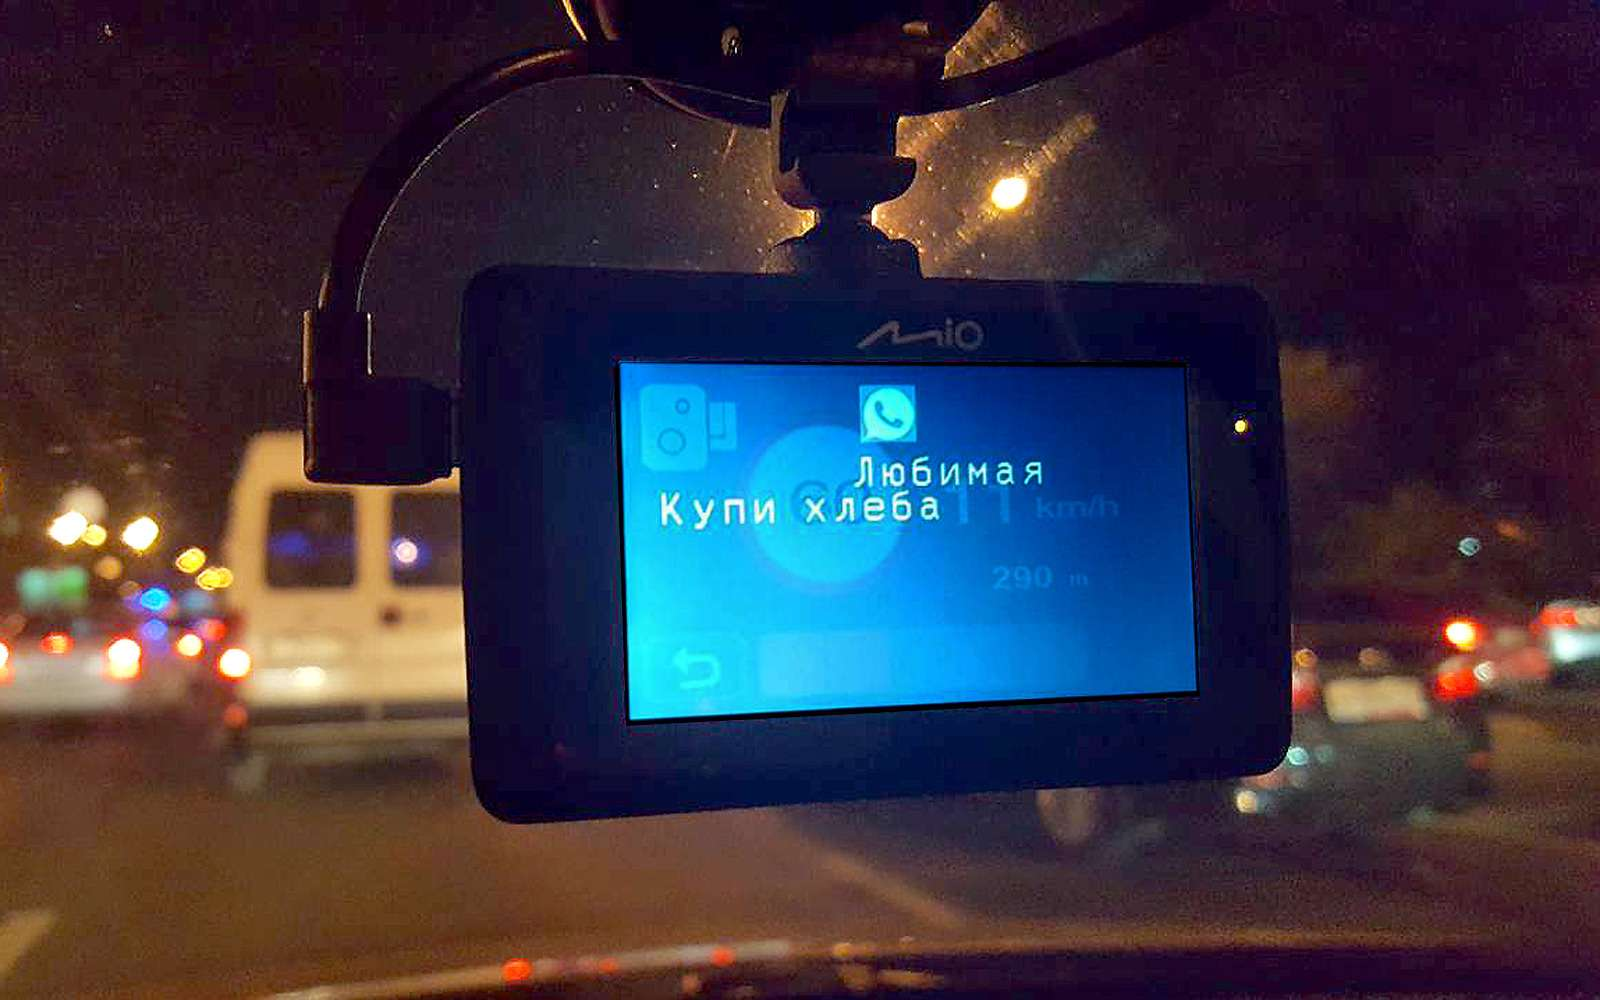 Видеорегистратор или пейджер? Тестируем Mio MiVue 788— фото 831398